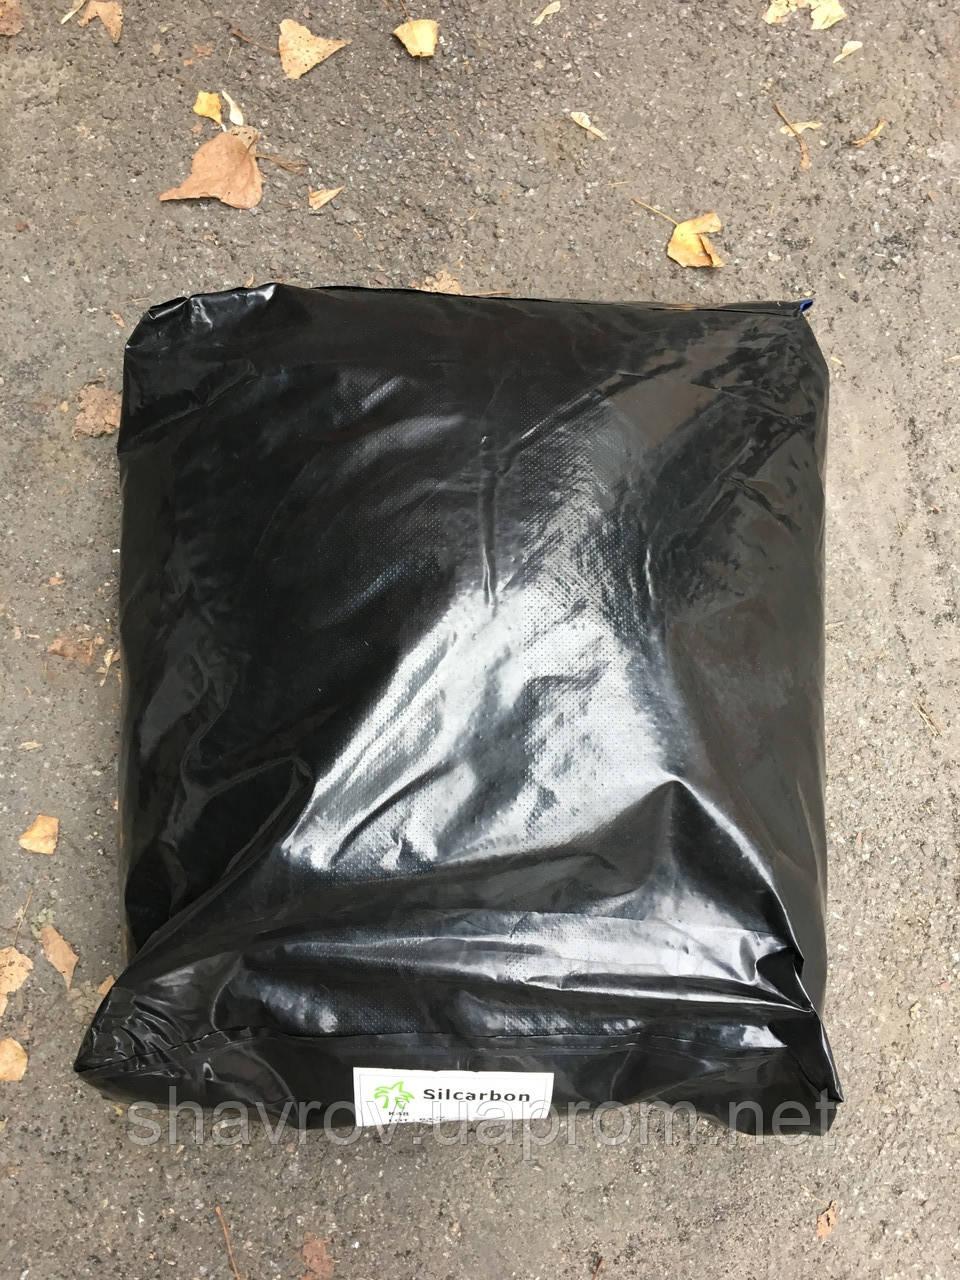 Уголь активированный для очитски воздуха и углекислоты Silcarbon/Силкарбон K48 Киев